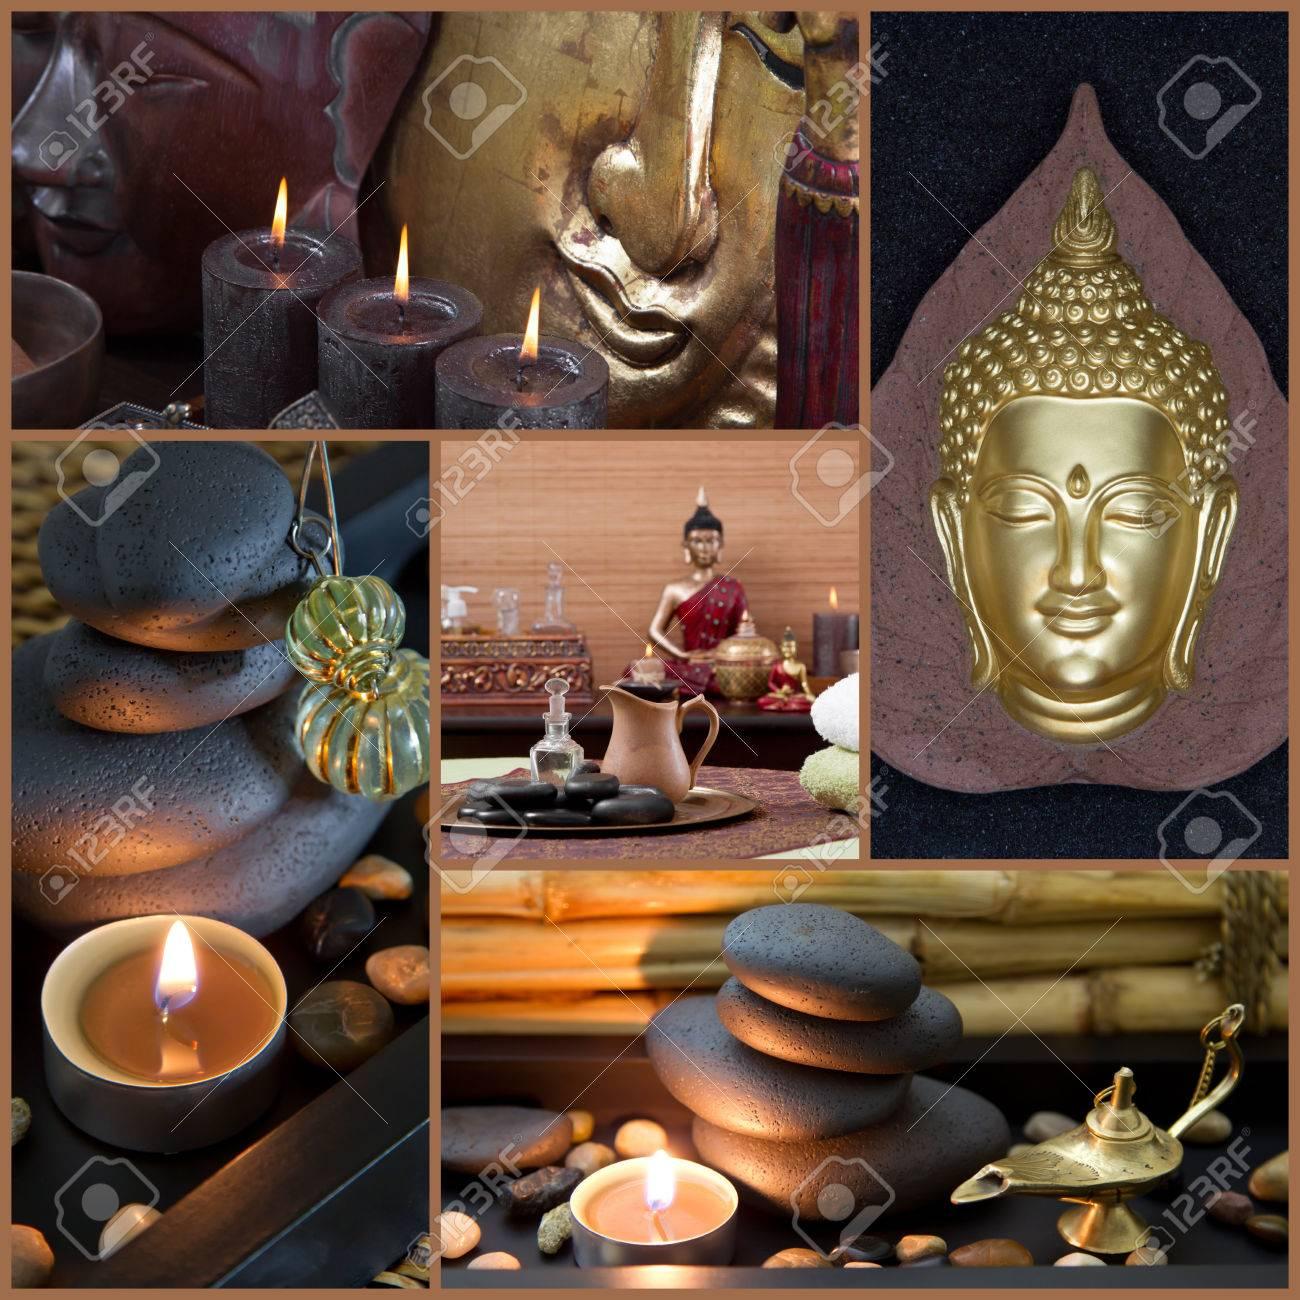 Spa dekoration mit buddha in gold, braun und schwarz ...